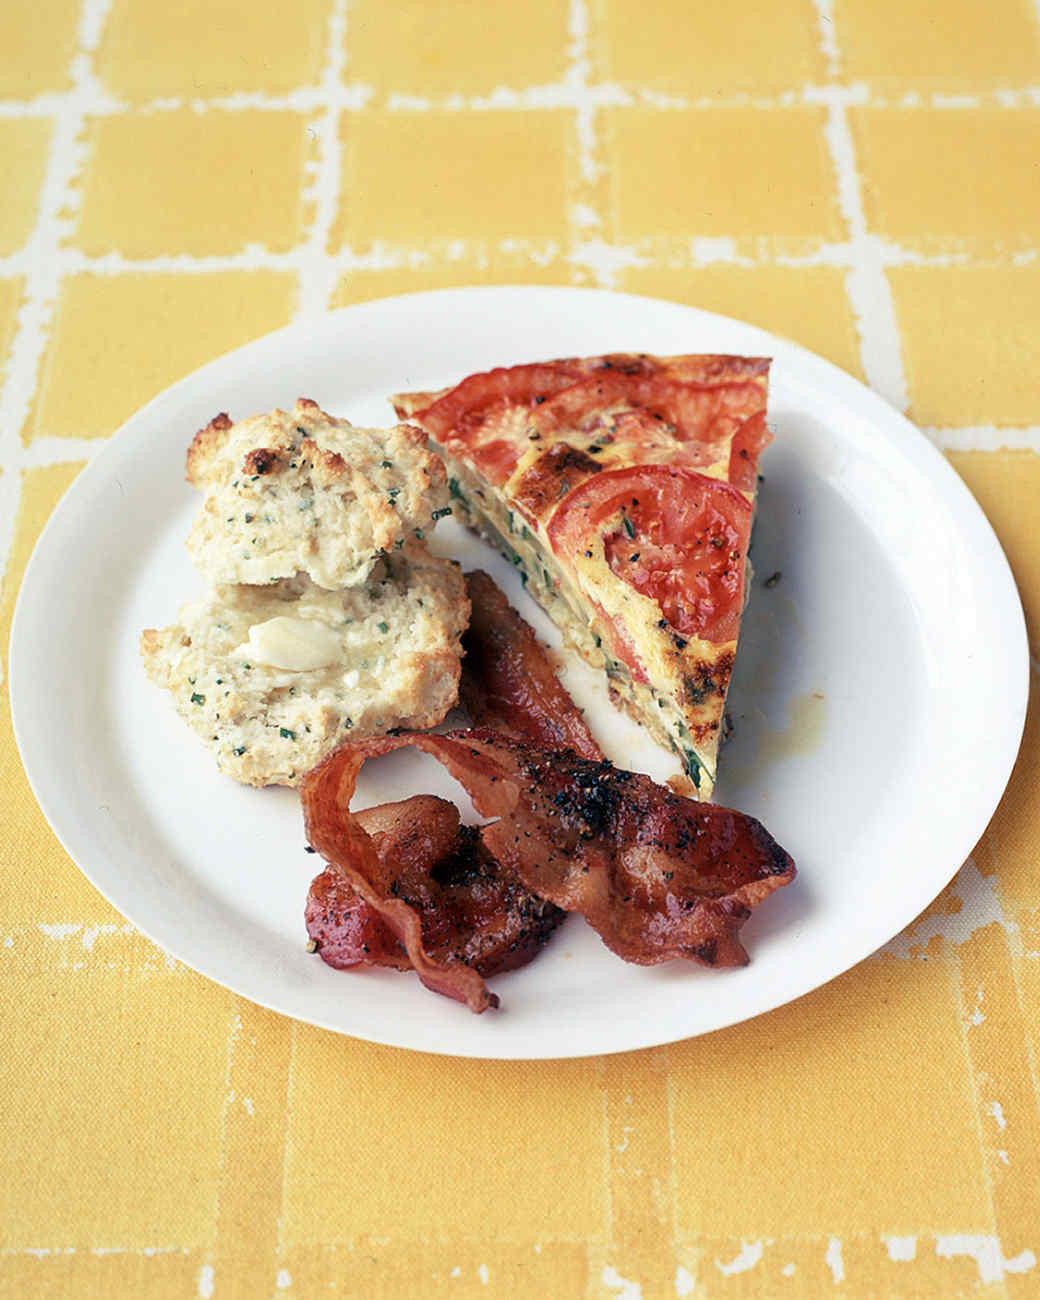 Brown Sugar-Glazed Bacon